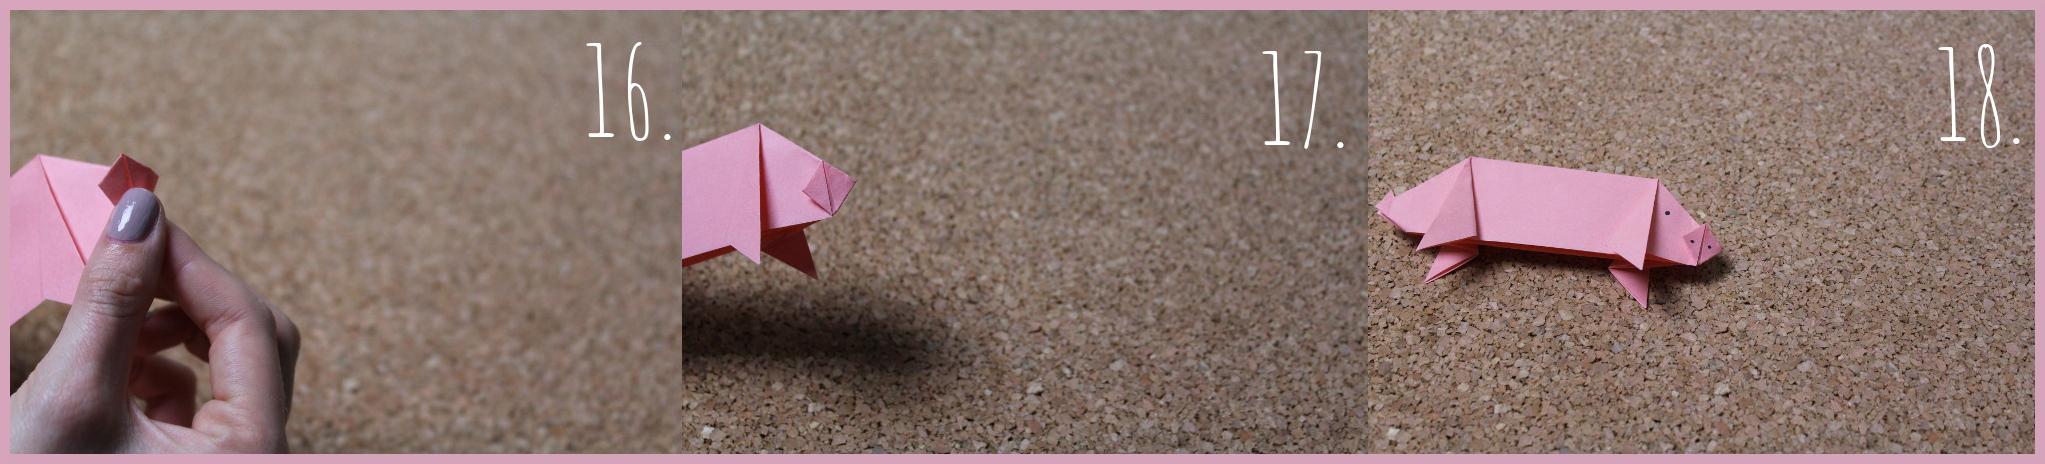 Origami Schwein Bastelanleitung von frau friemel Schritt 16-18